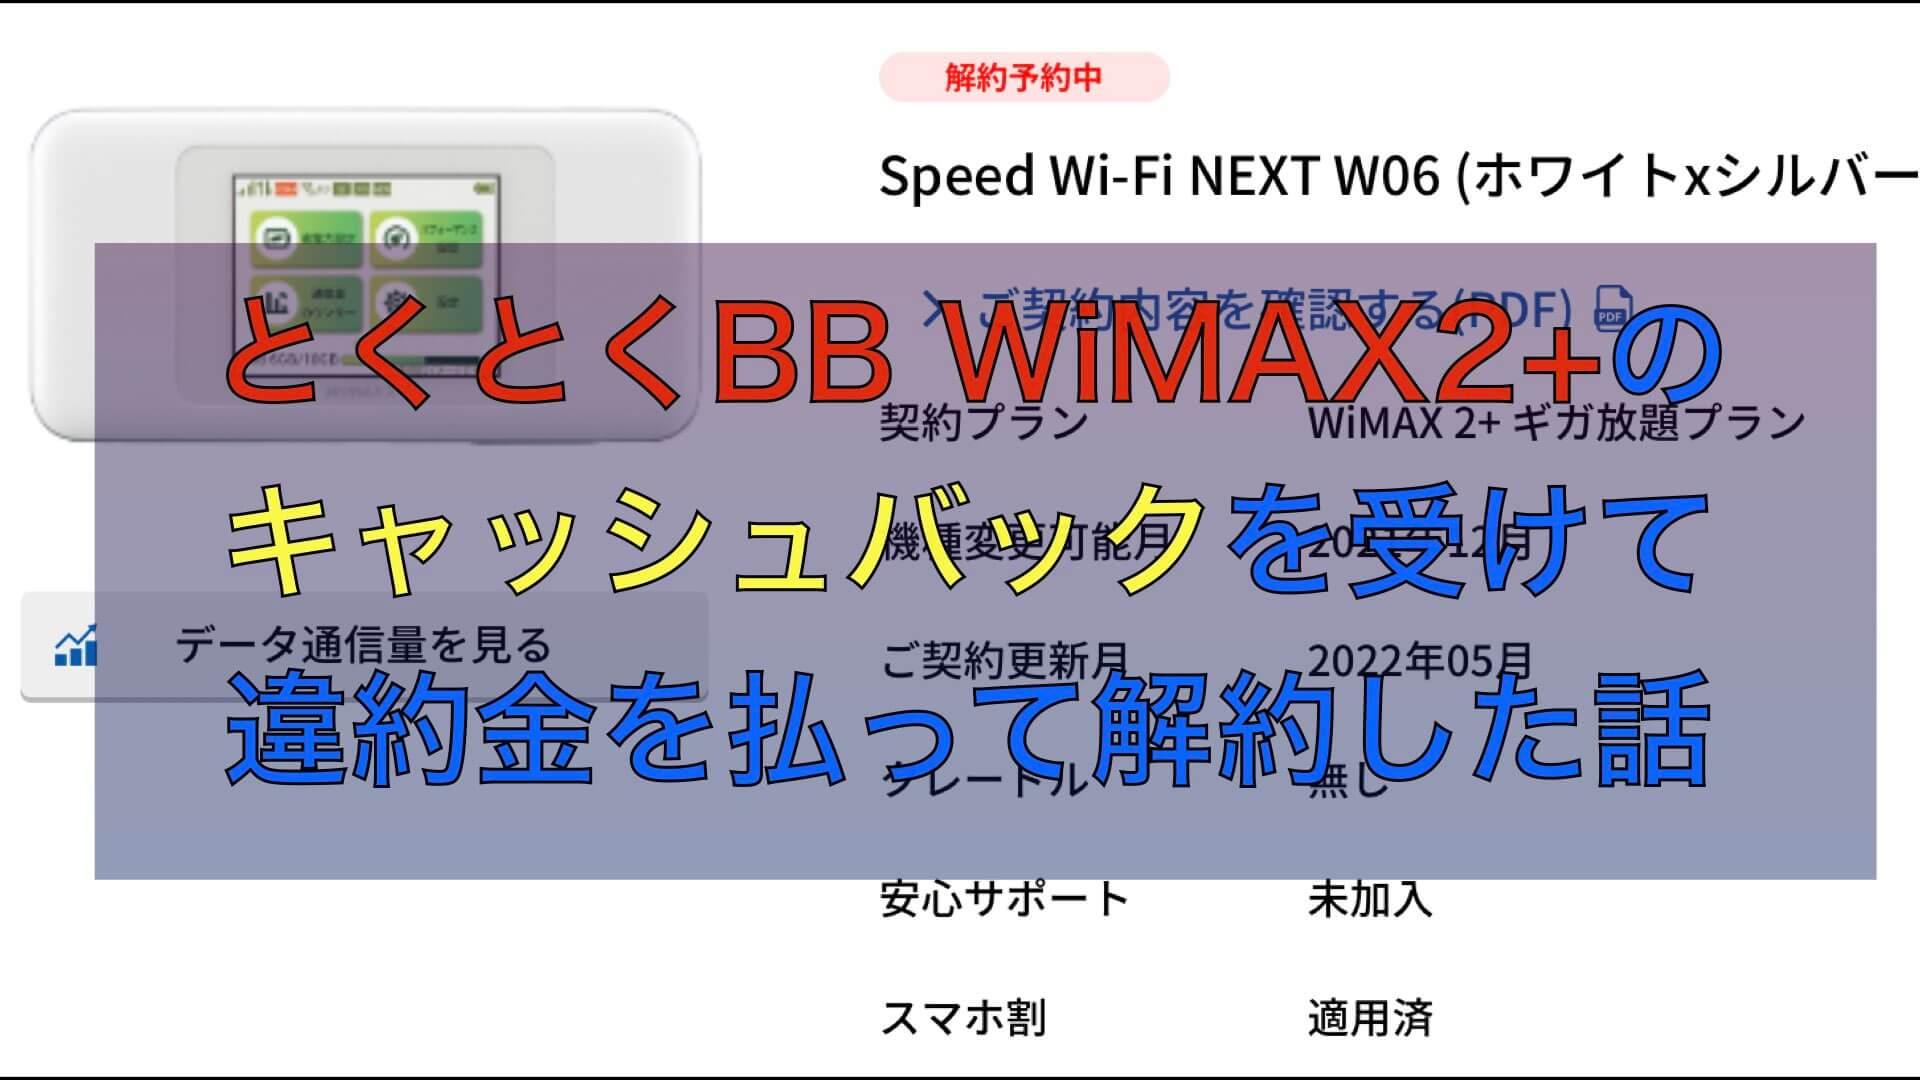 とくとくBB WiMAX2+の キャッシュバックを受けて 違約金を払って解約した話